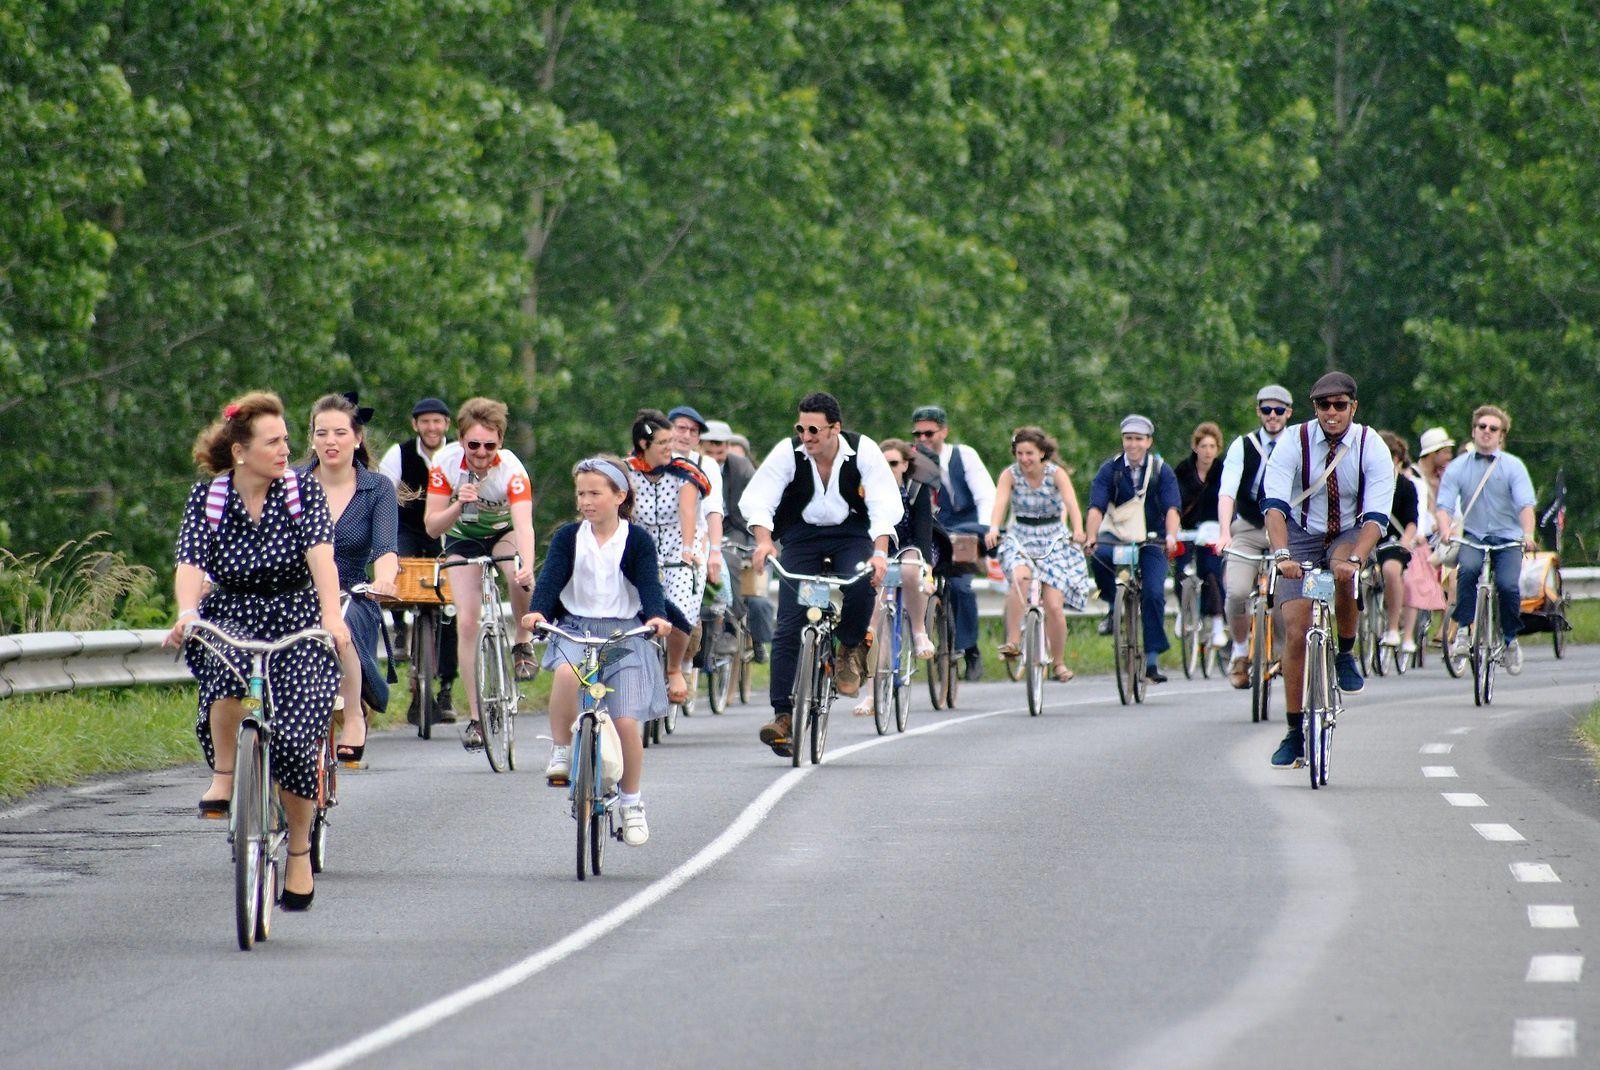 Fête Anjou Vélo Vintage 2016. (Photo prise le 19.06.2016).